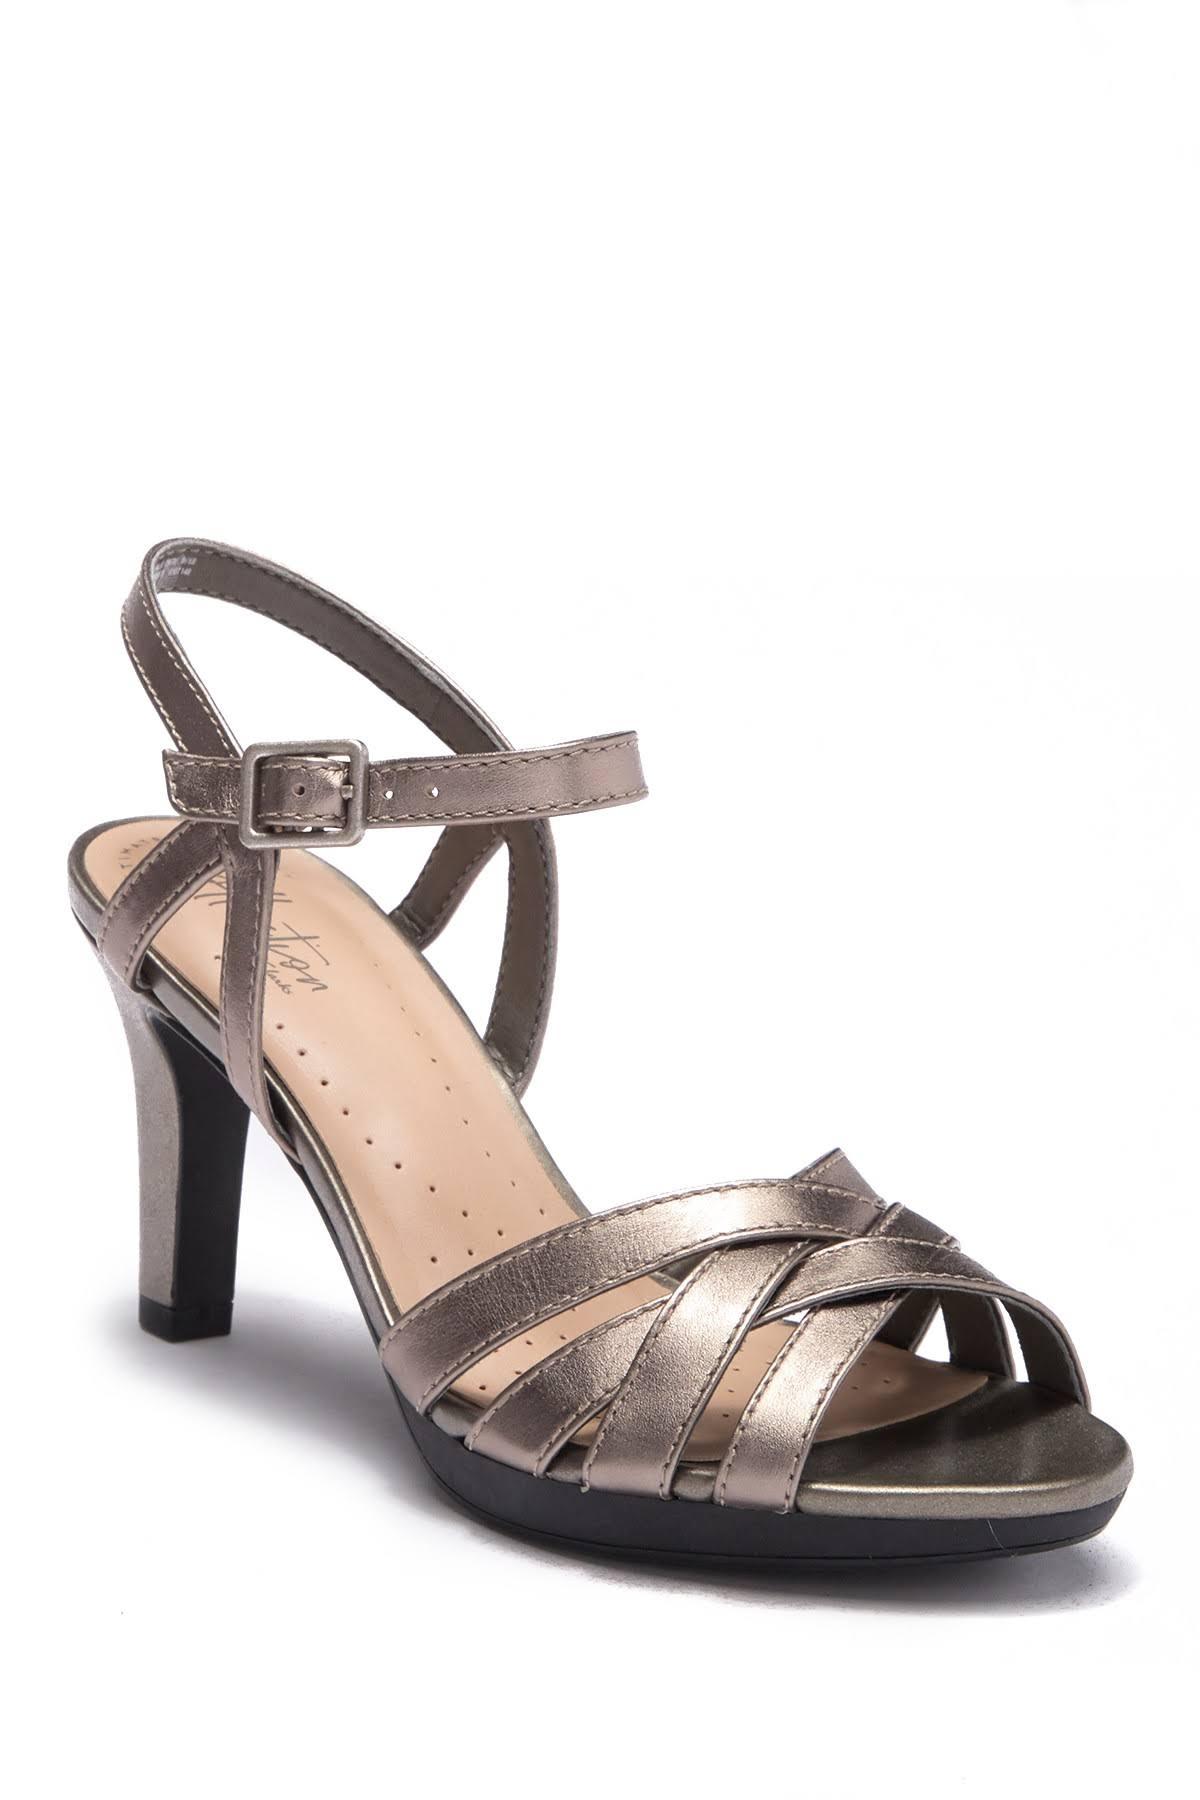 W met hakken Adriel Clarks Dames Sandal 0mNnw8